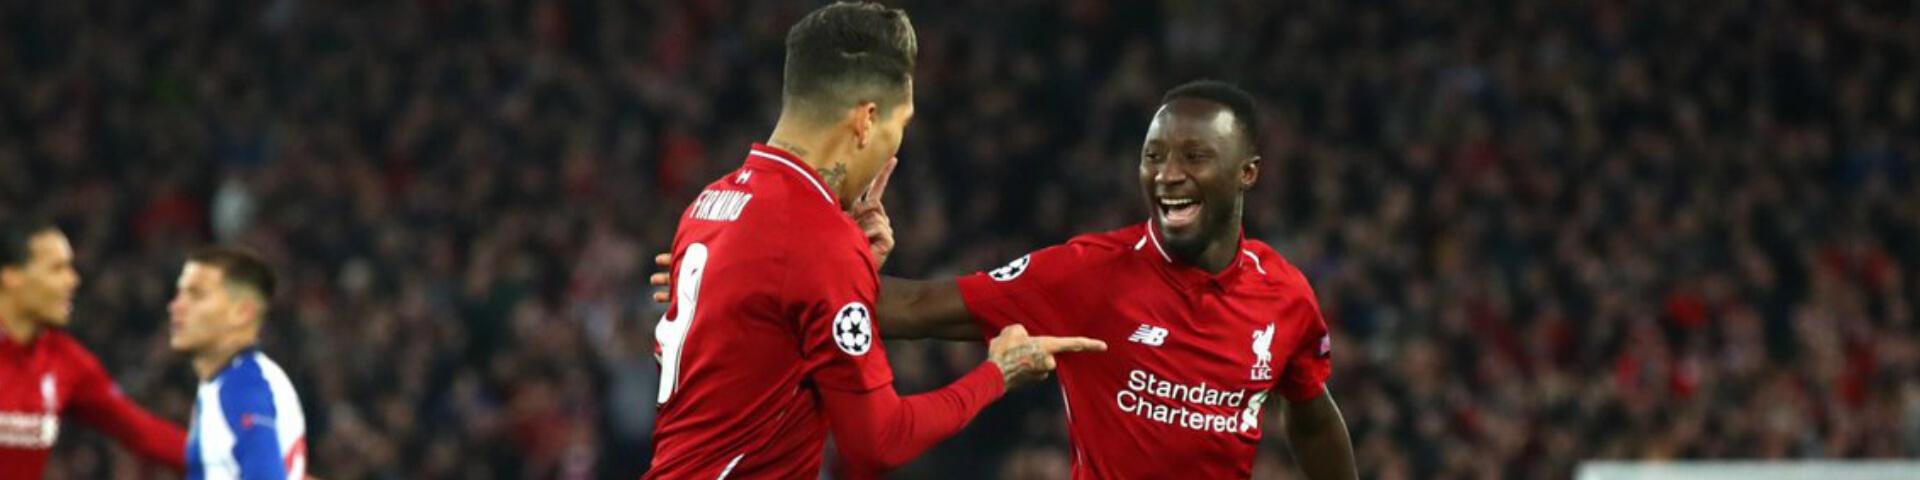 «Тоттенхэм» и «Ливерпуль» выиграли домашние матчи в ЛЧ